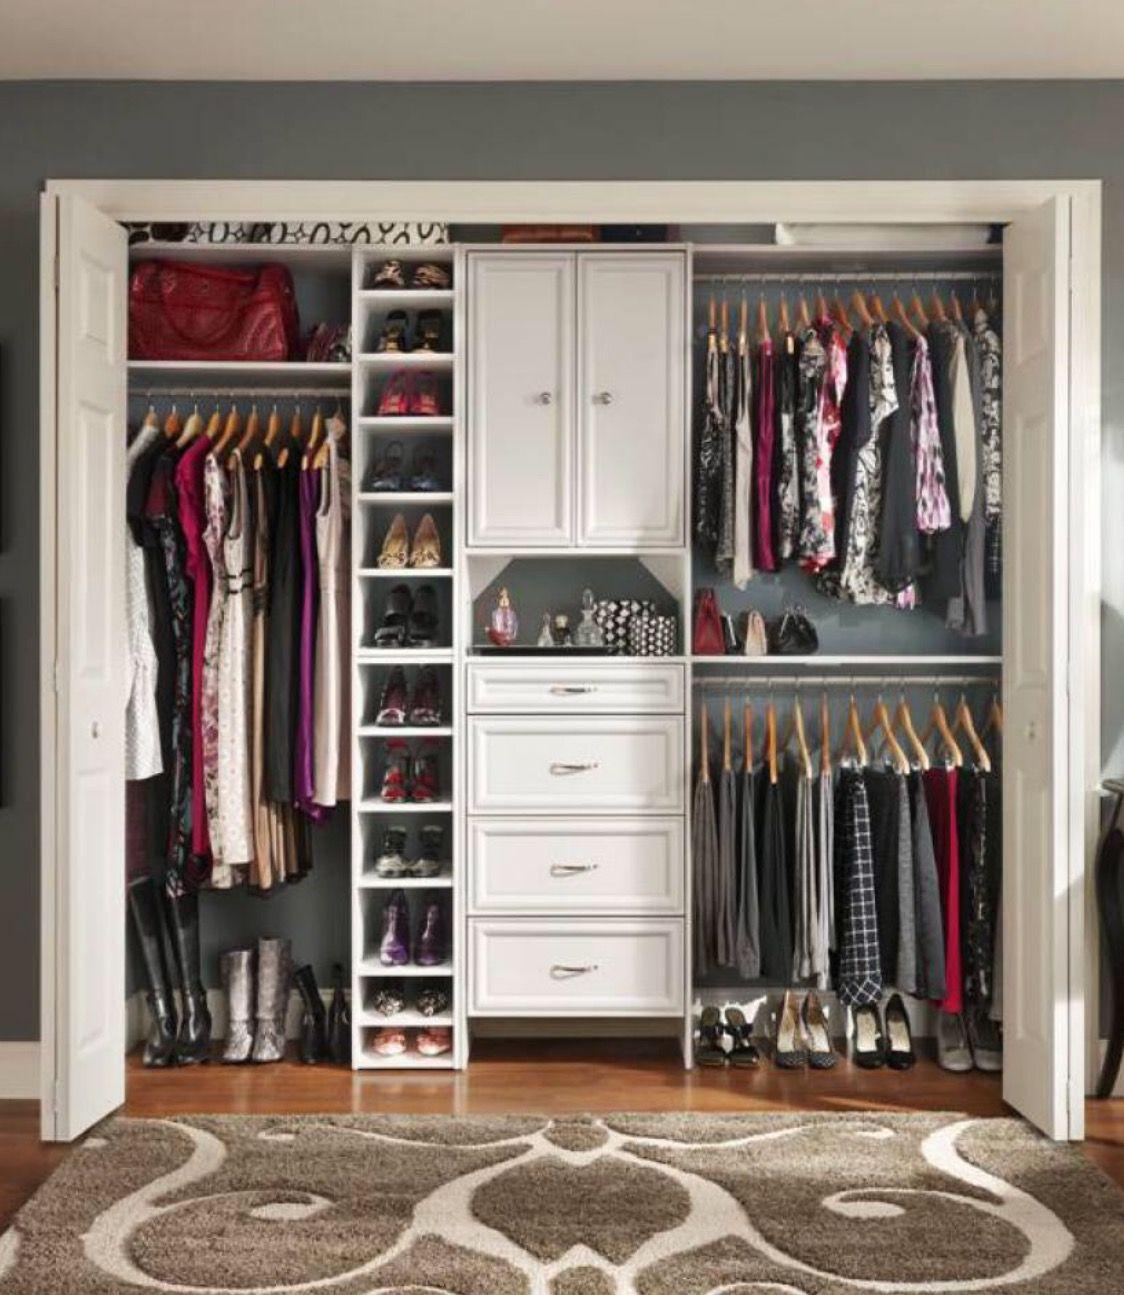 Pin von Negra Bella auf Ideas for the home | Pinterest ...